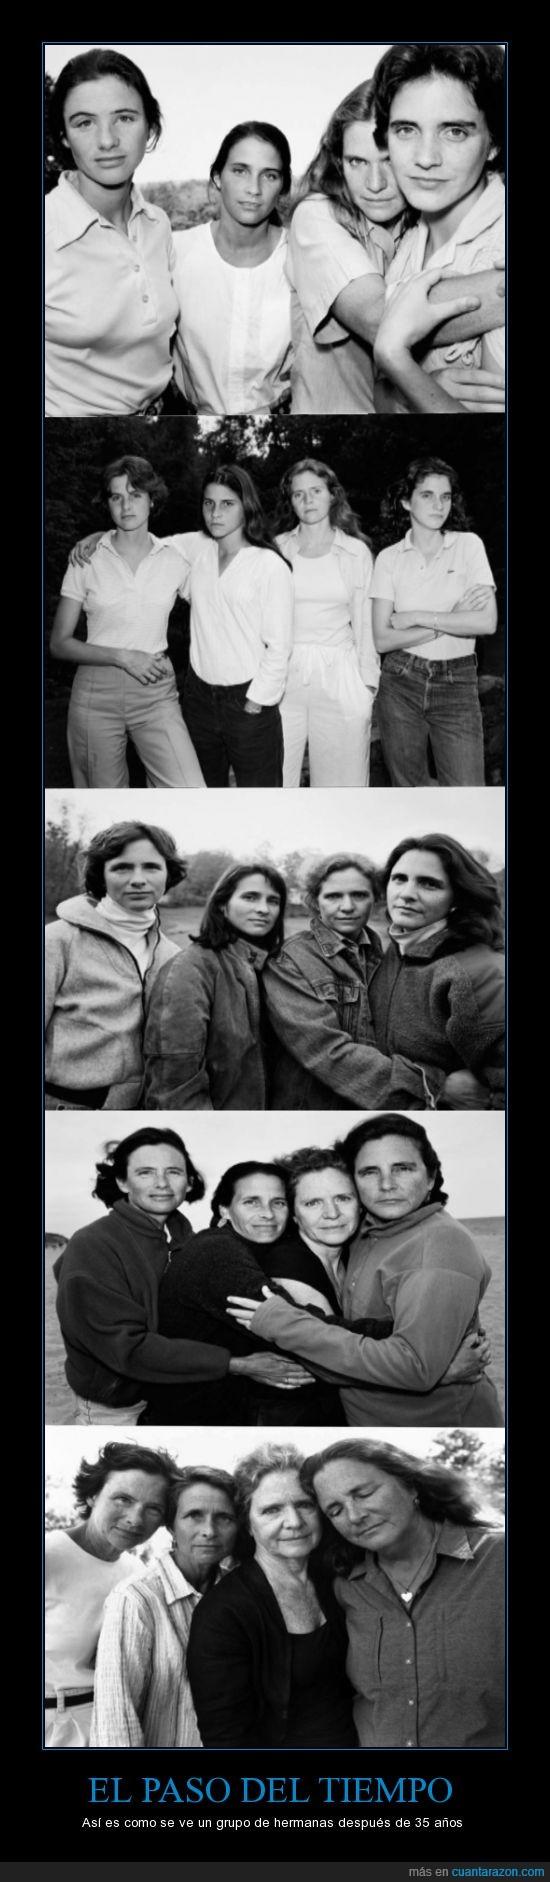 35 años,desde 1975,fotos,hermanas,paso del tiempo,tiempo,vejez